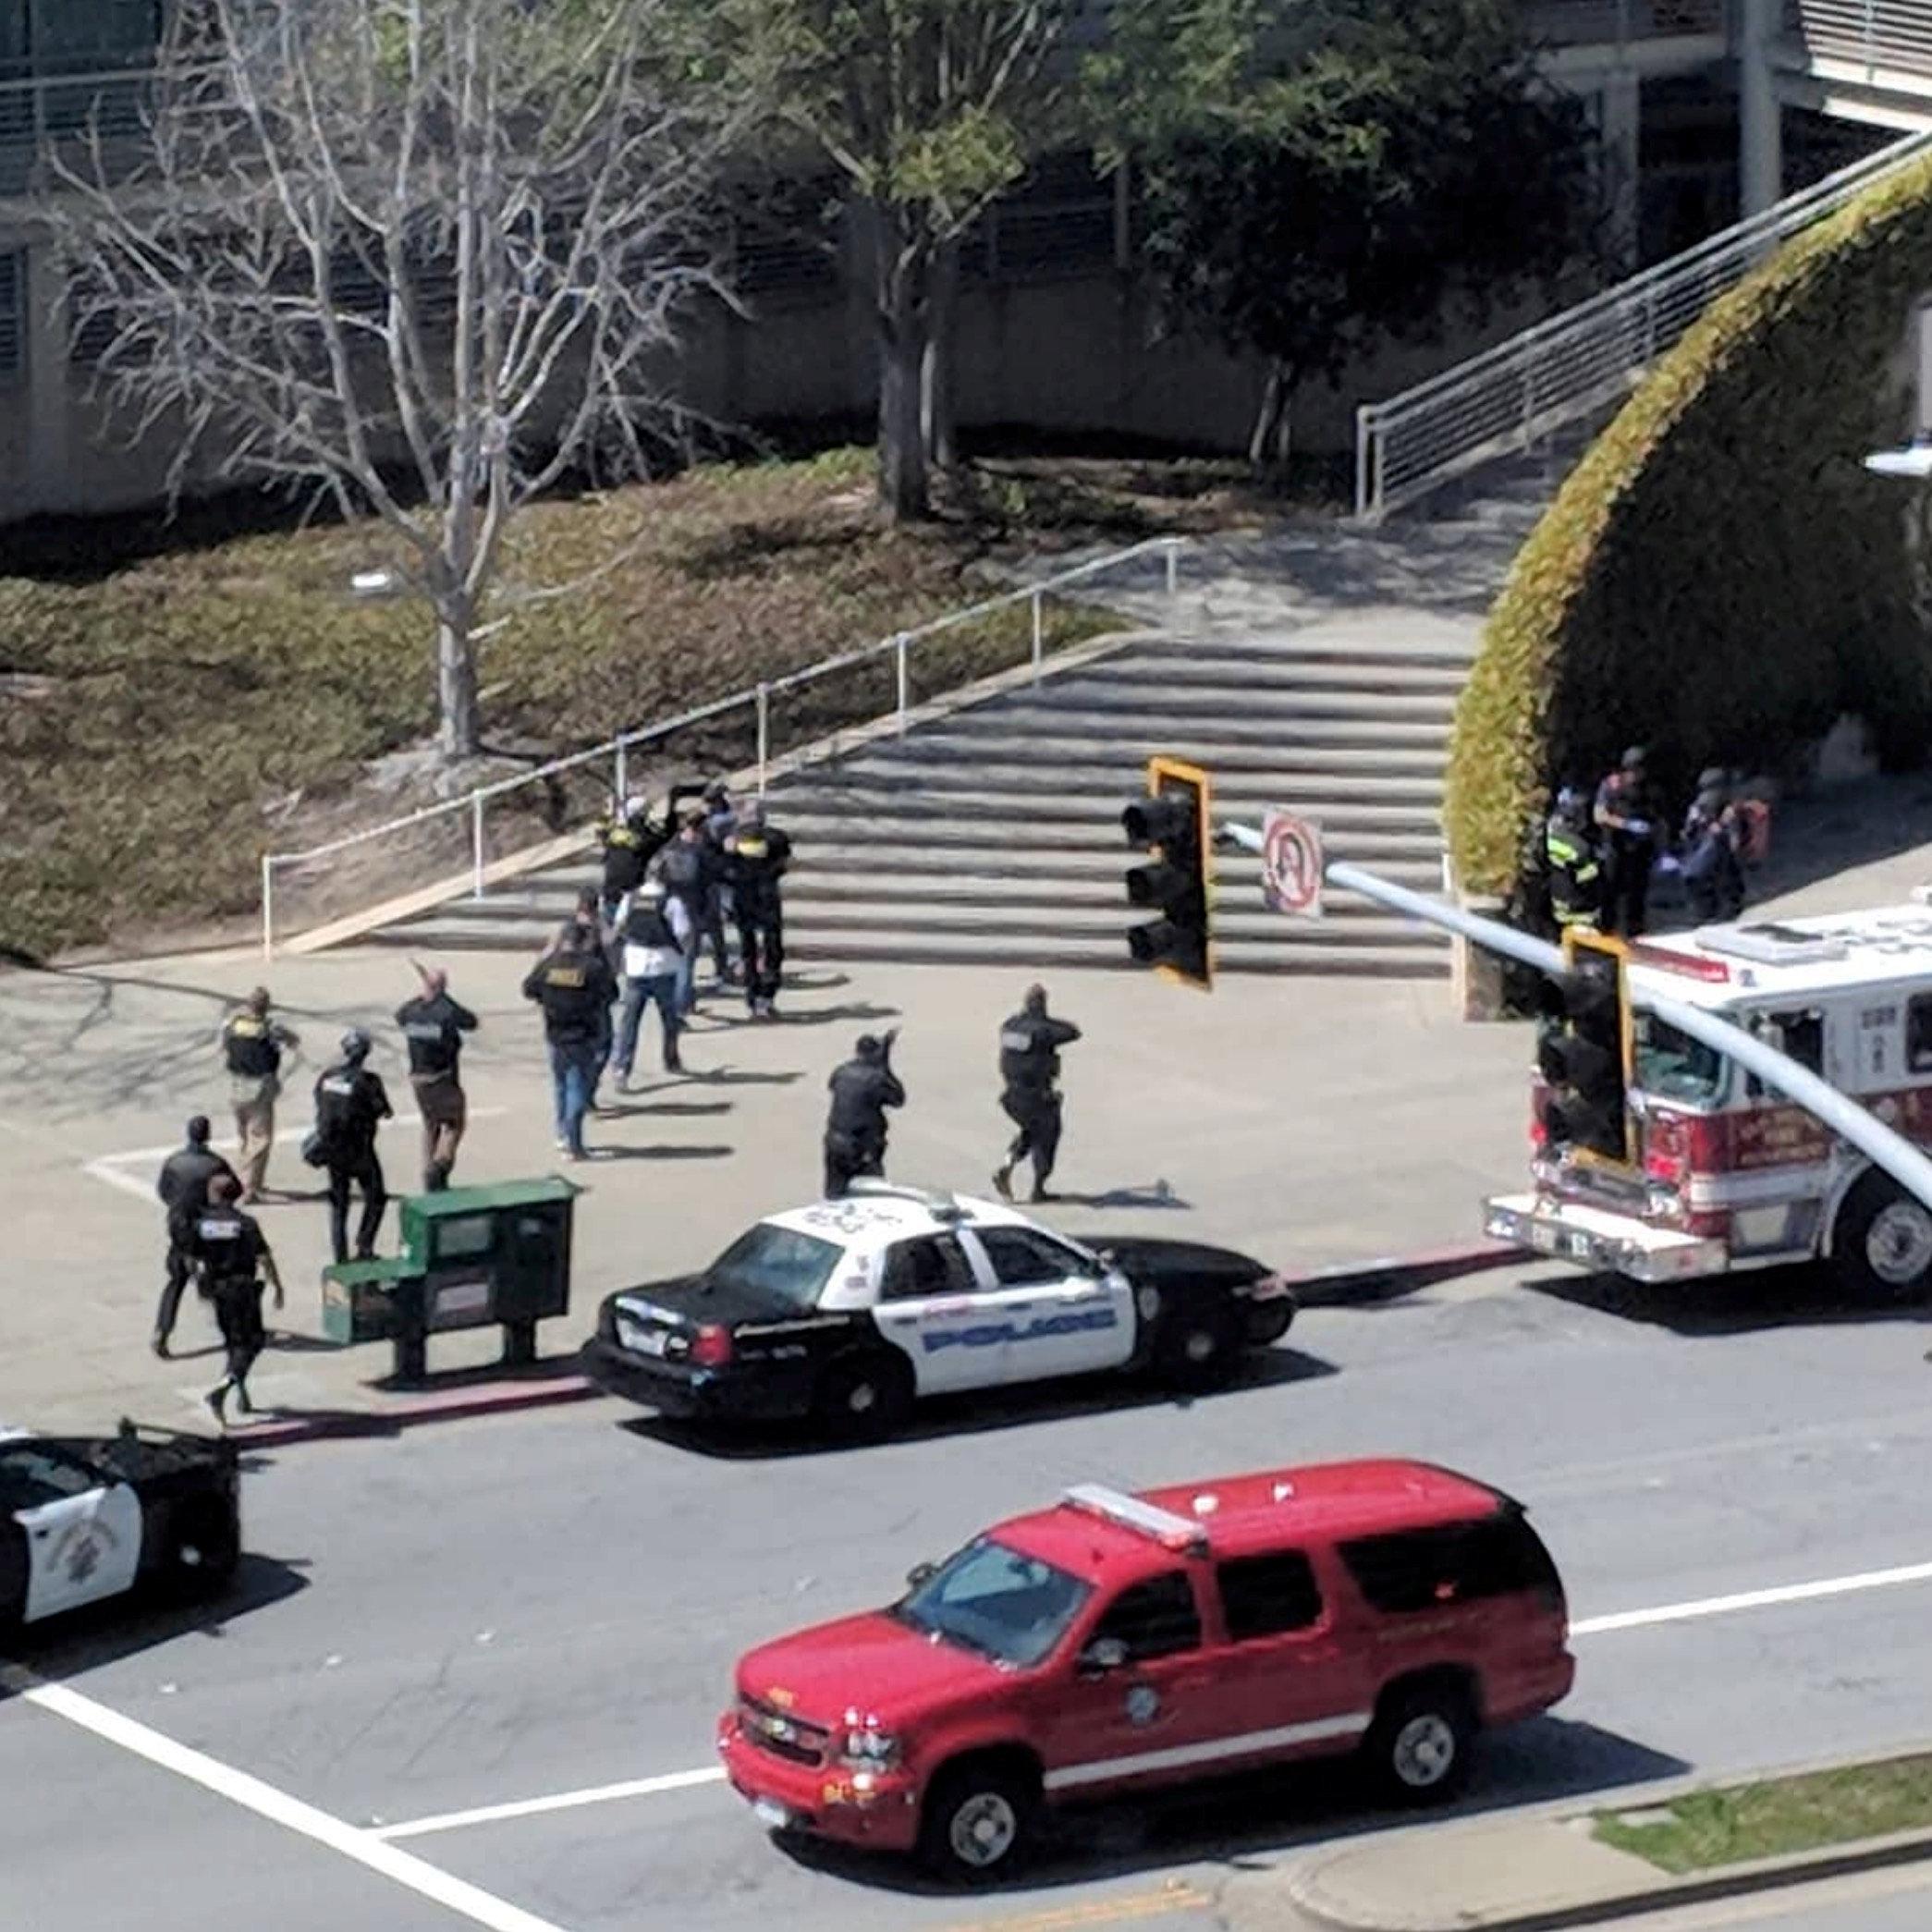 Imágenes de la sede de YouTube en San Bruno en California tras la alerta por un posible tiroteo en el lugar. Foto de redes sociales. 3 de abril de 2018. GRAEME MACDONALD/via REUTERS